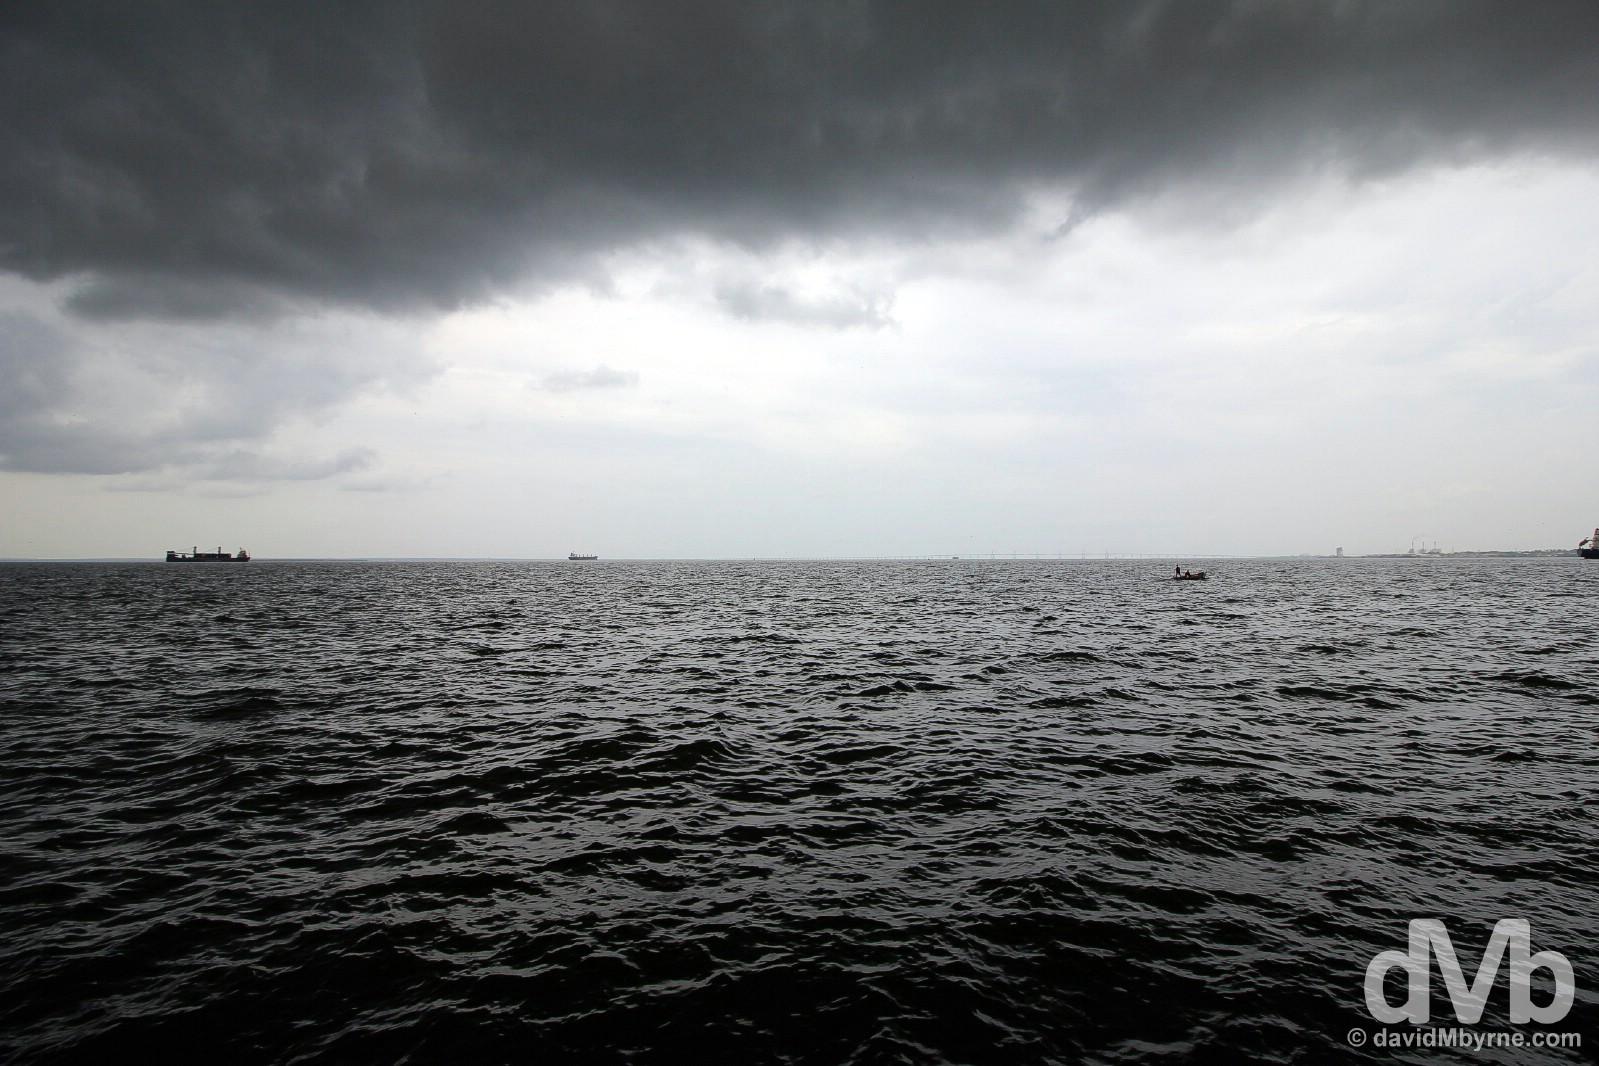 Lago (Lake) Maracaibo as seen from Vereda del Lago in Maracaibo, Venezuela. June 22, 2015.